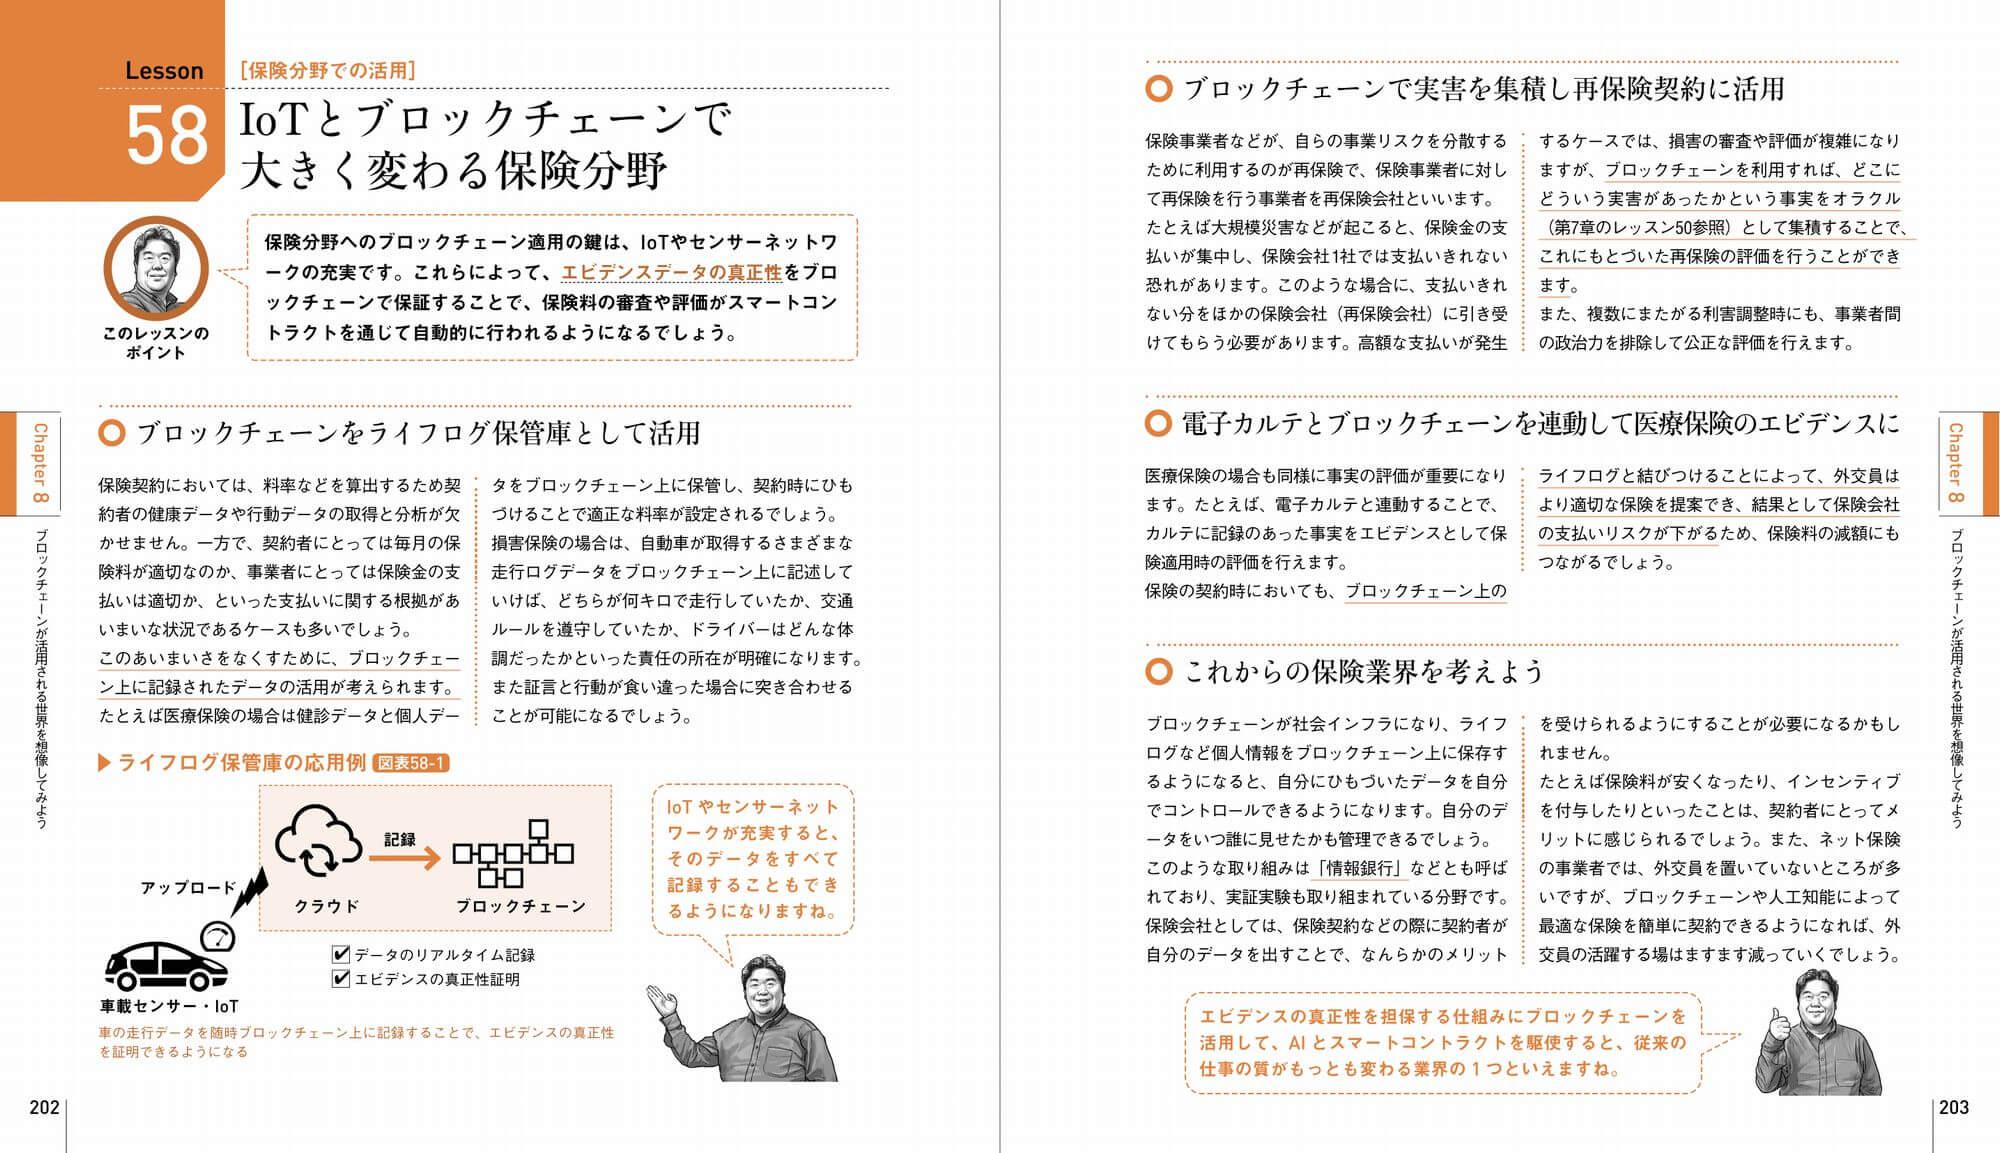 「いちばんやさしいブロックチェーンの教本 人気講師が教えるビットコインを支える仕組み」紙面イメージ(2)